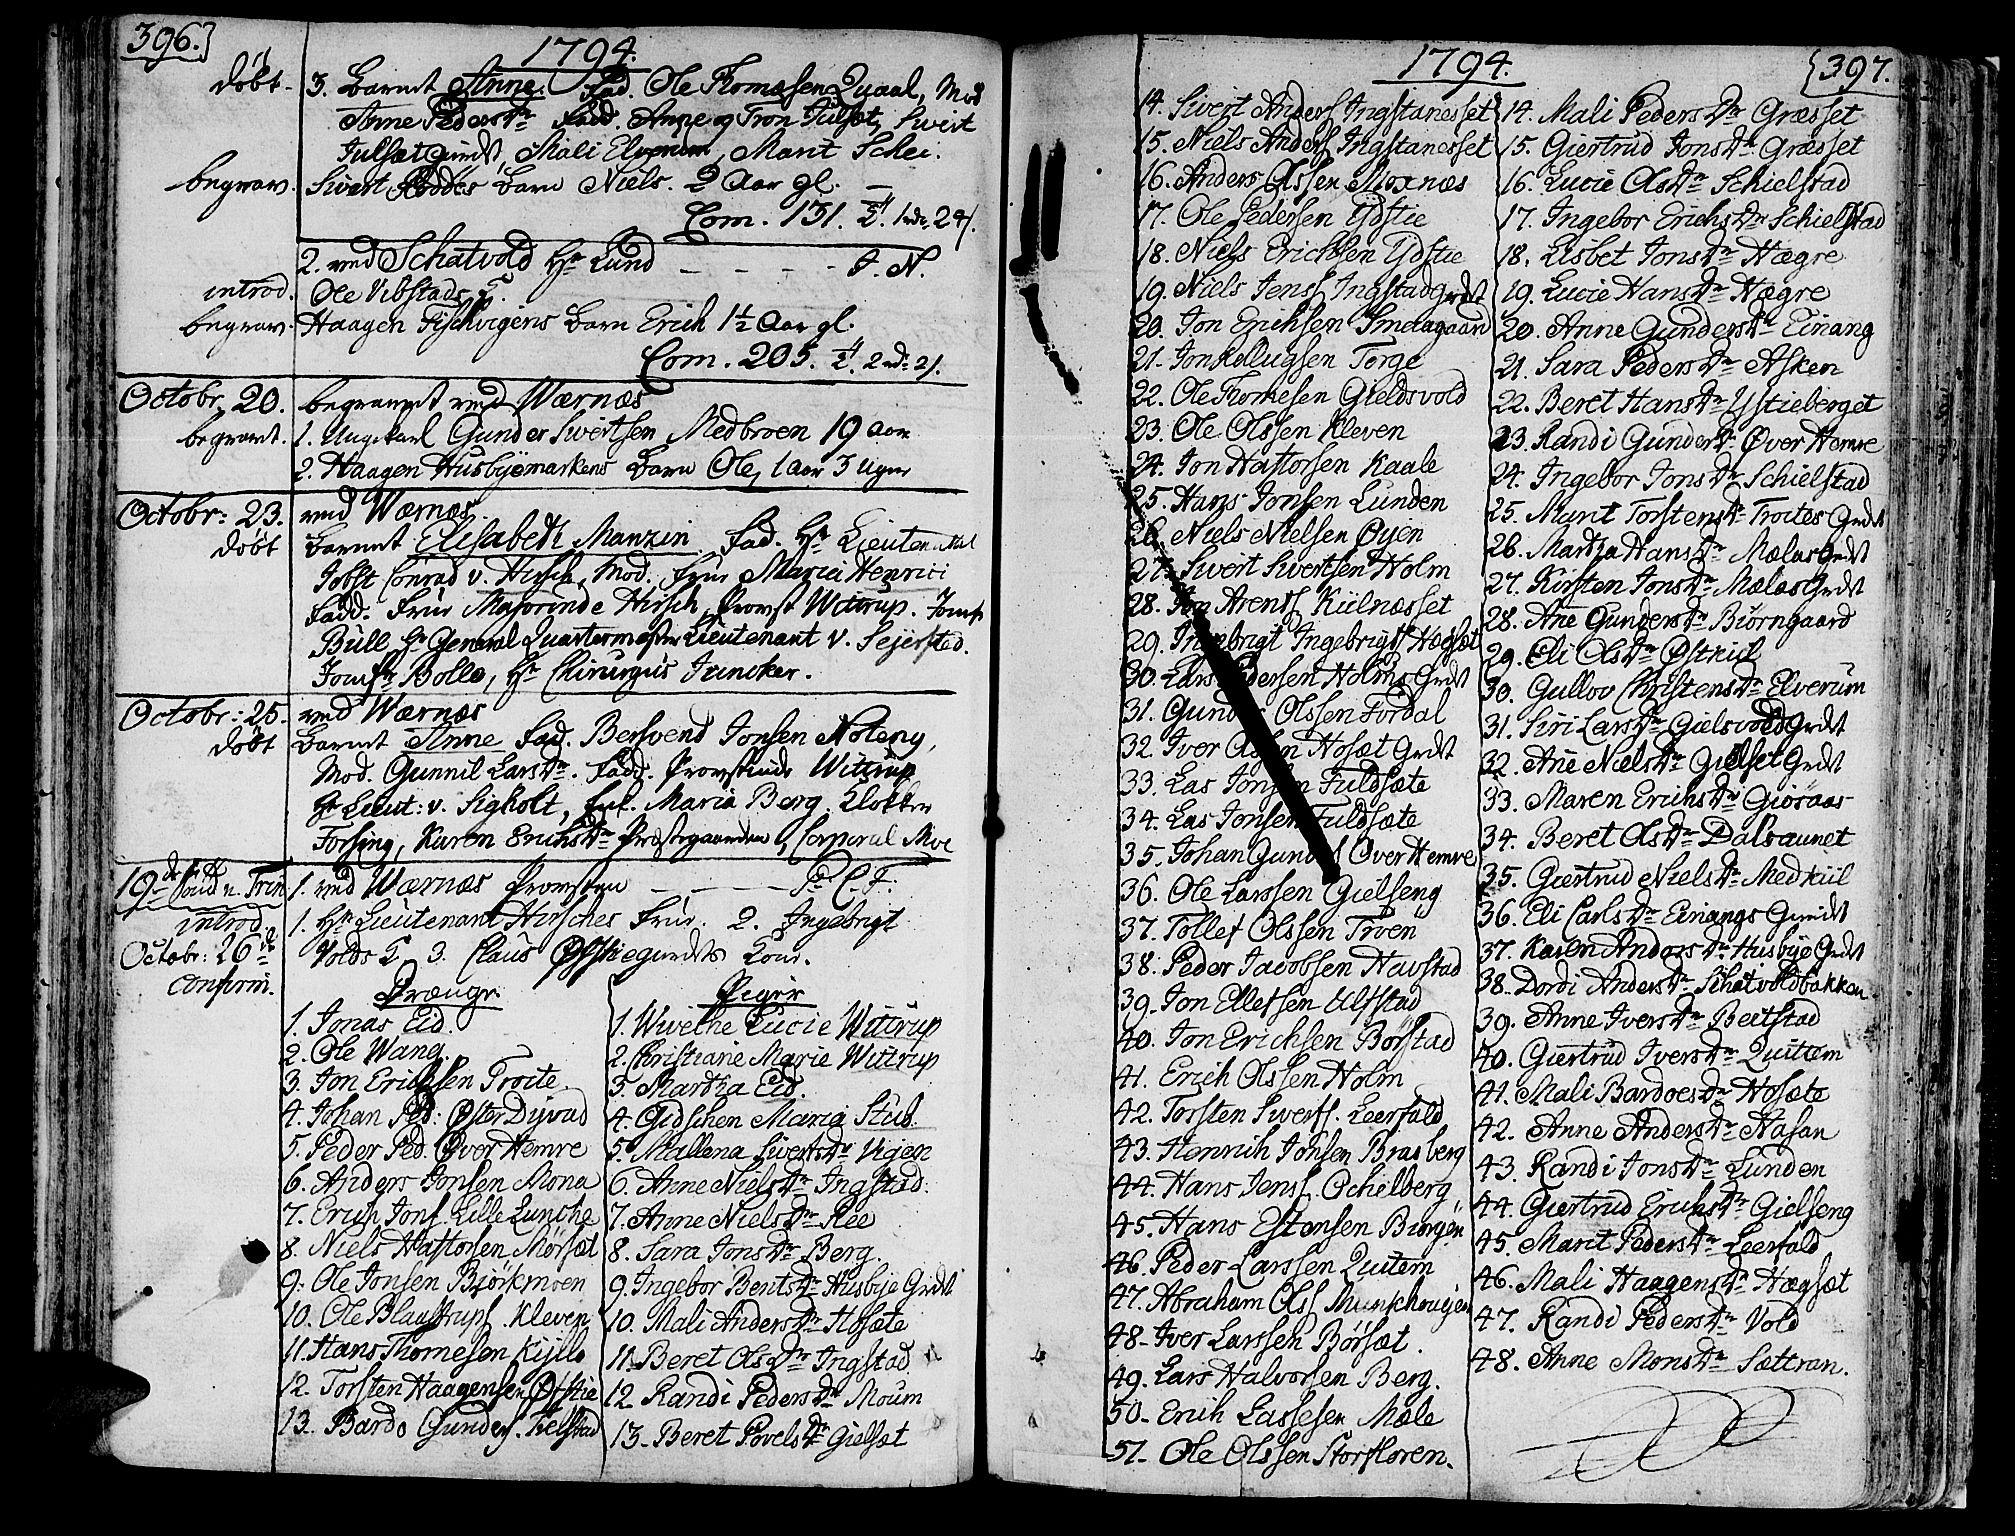 SAT, Ministerialprotokoller, klokkerbøker og fødselsregistre - Nord-Trøndelag, 709/L0059: Ministerialbok nr. 709A06, 1781-1797, s. 396-397